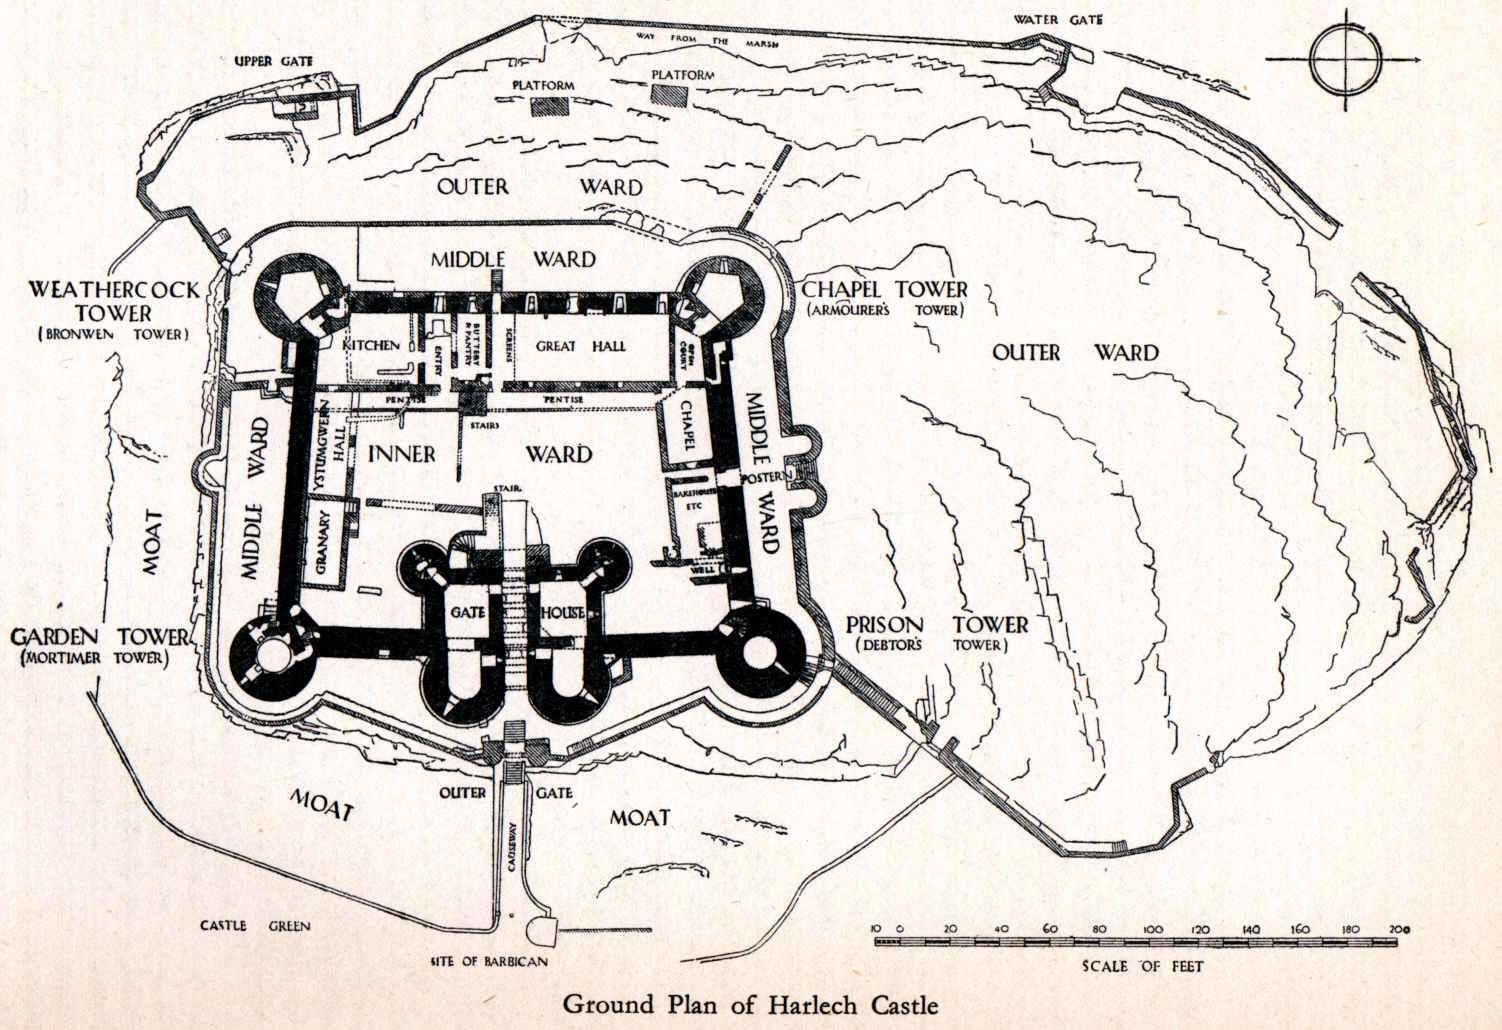 Harlech Castle Floorplan Jpg 1502 1030 Castle Floor Plan Castle Plans Castle Layout